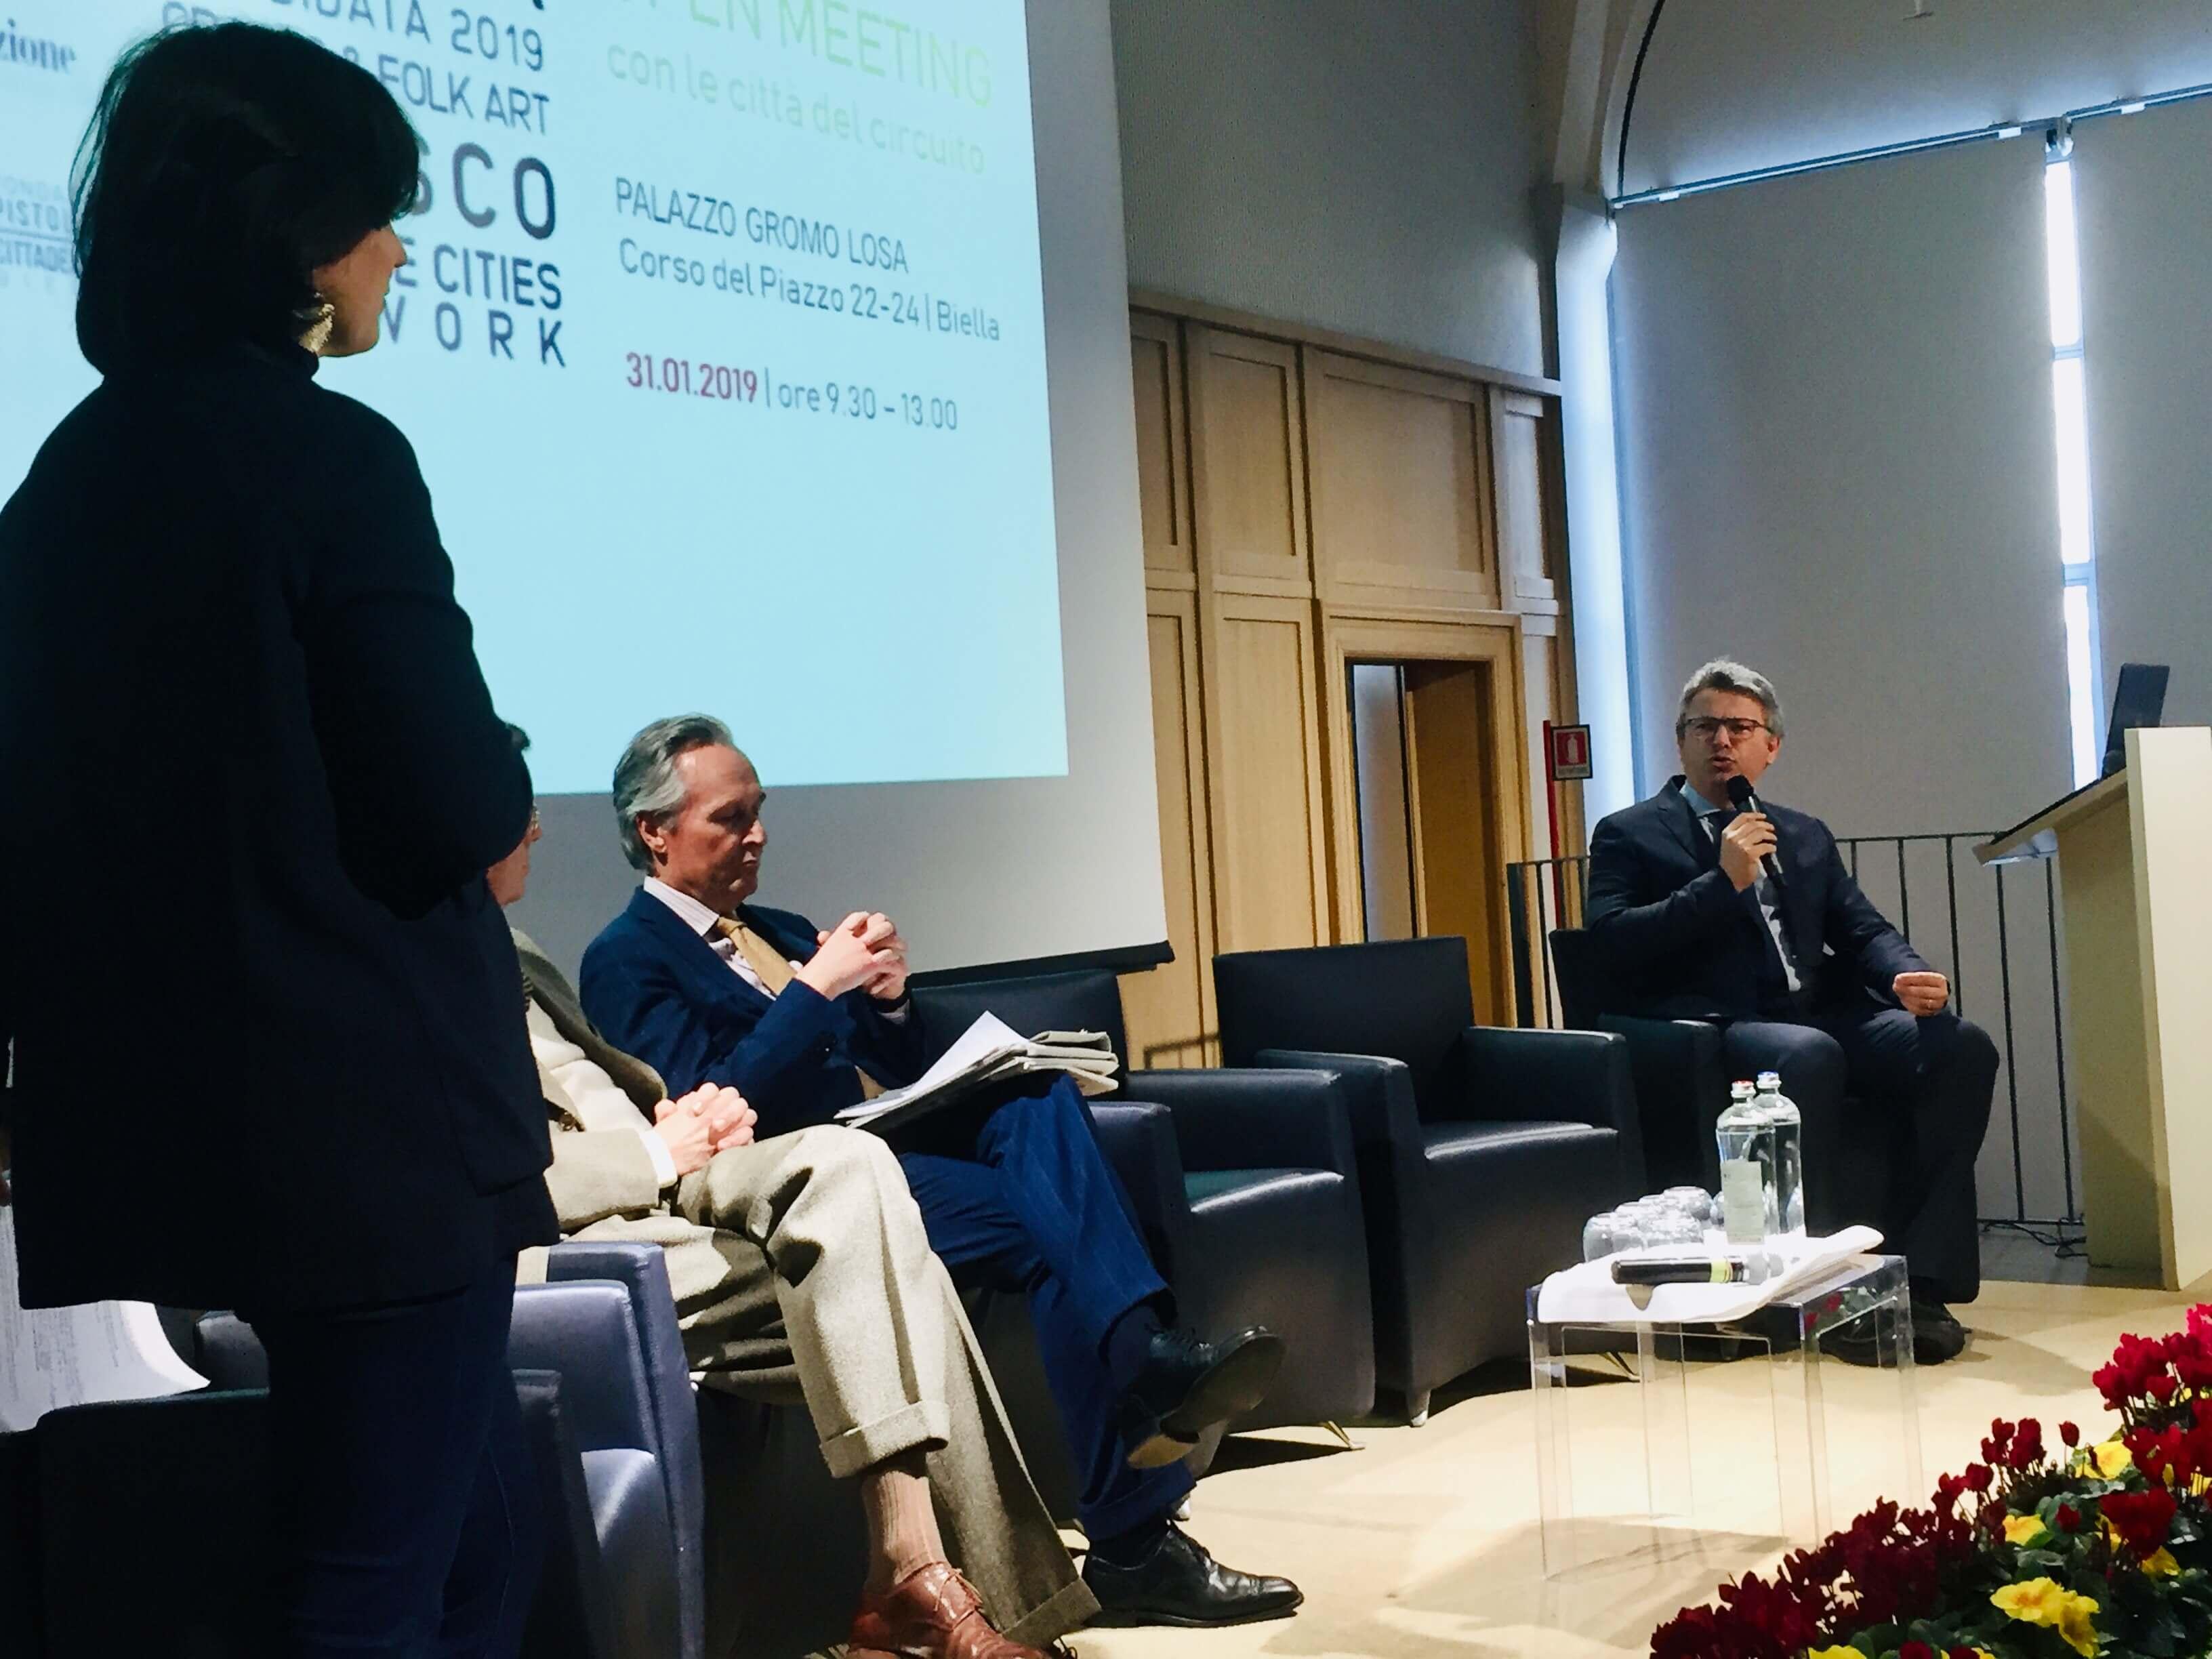 Franco Ferraris e Marco Cavicchioli sul palco di palazzo Gromo Losa